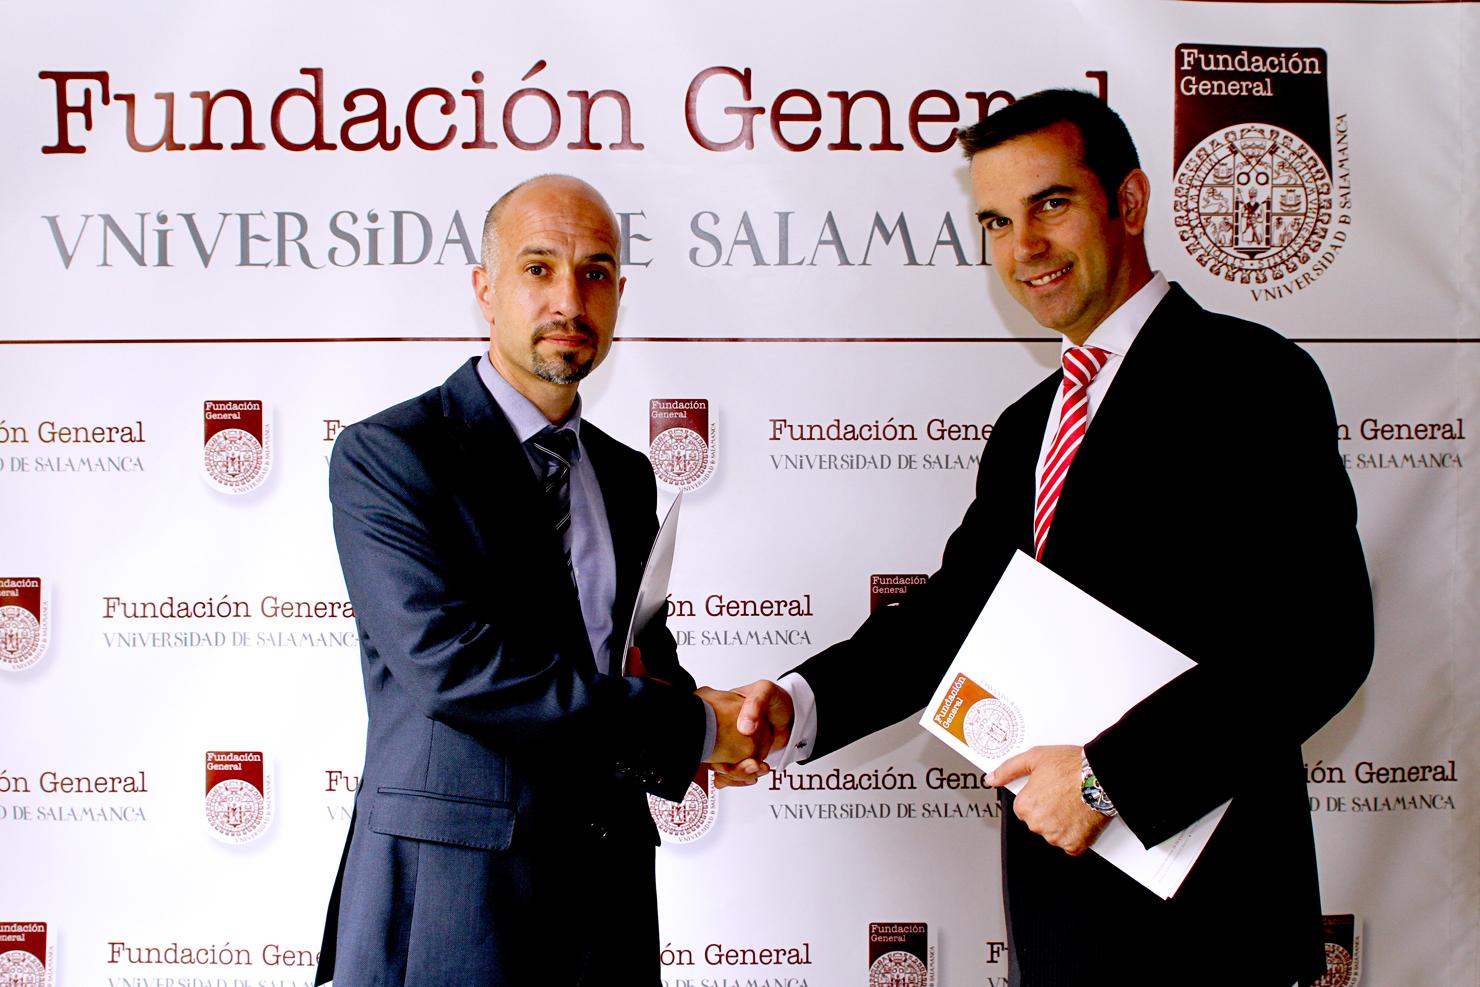 La Fundación General de la Universidad de Salamanca y la empresa Feyce suscriben un convenio de colaboración